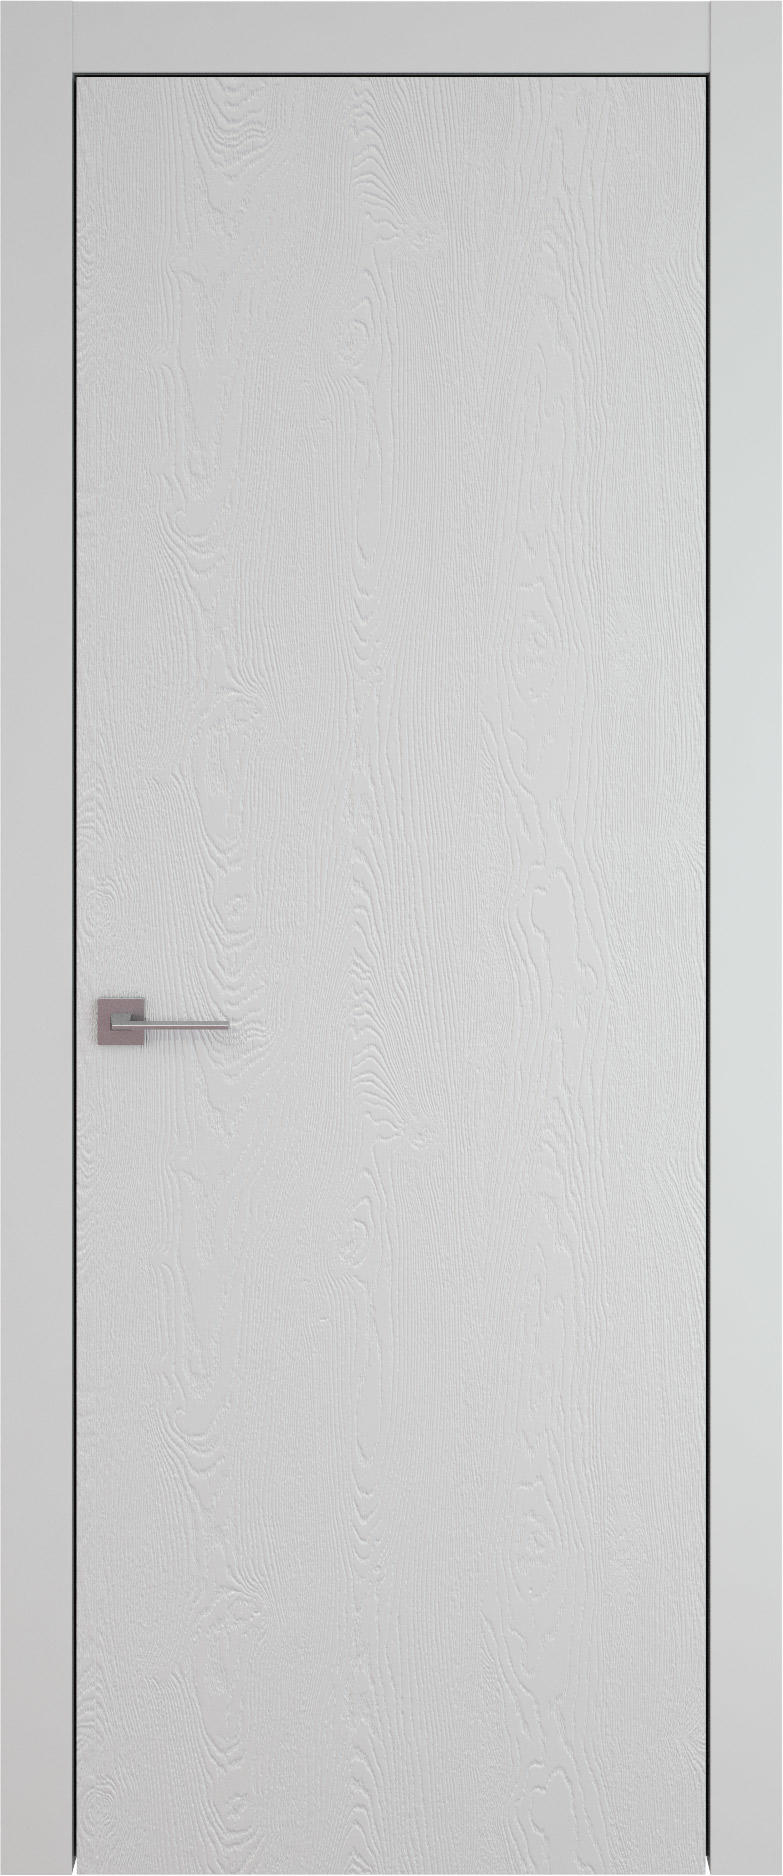 Tivoli А-1 цвет - Серая эмаль по шпону (RAL 7047) Без стекла (ДГ)